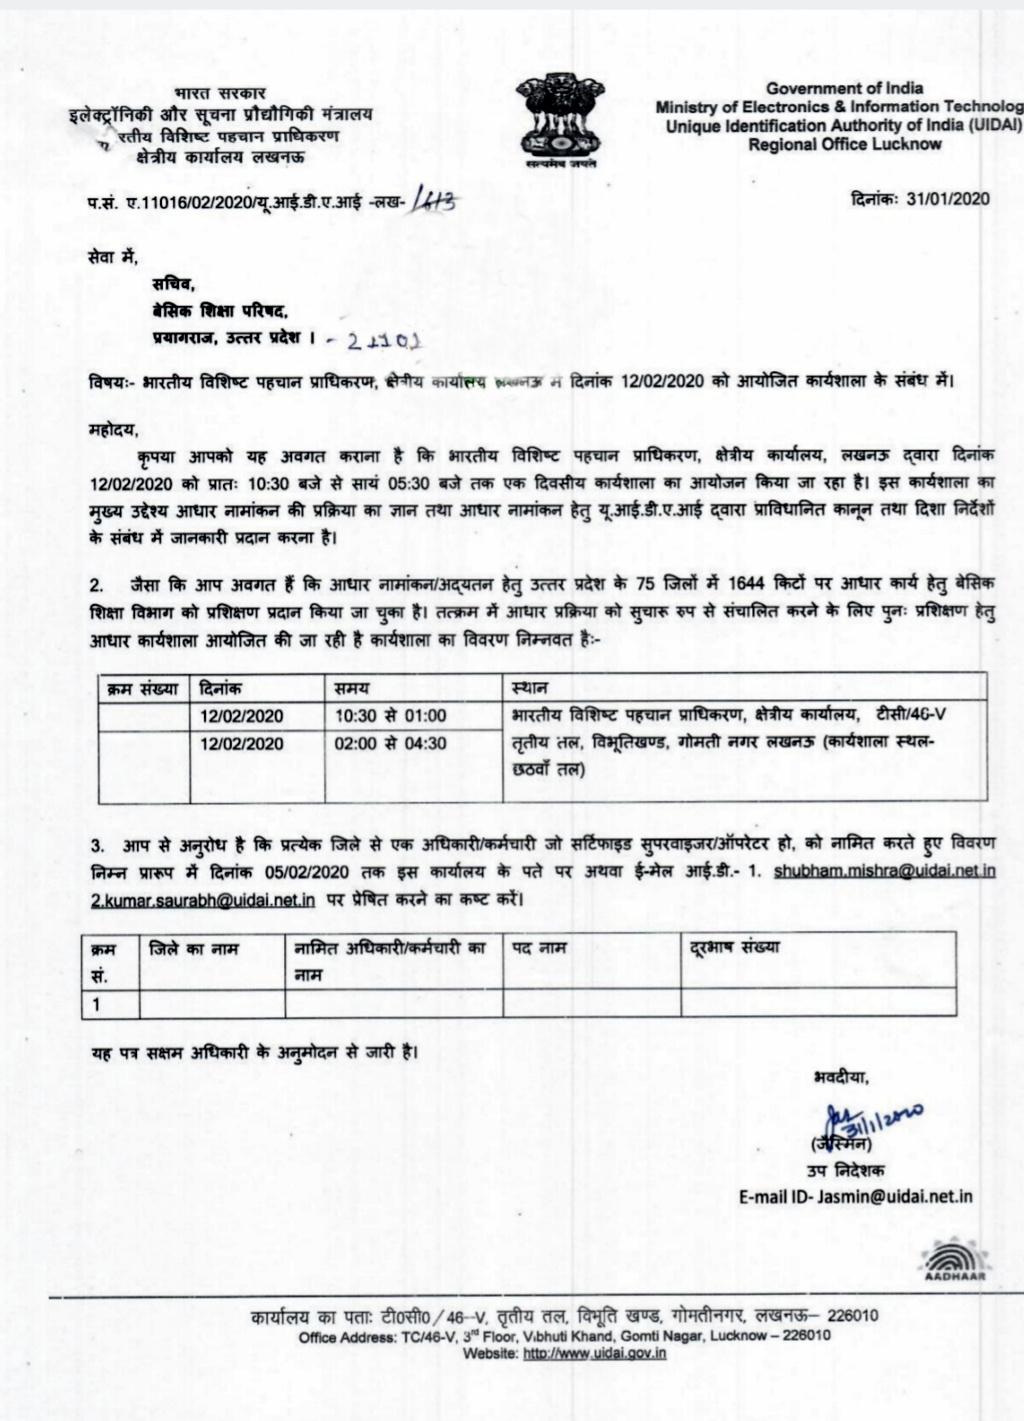 भारतीय विशिष्ट पहचान प्राधिकरण (uidai) की workshop 12 को, आदेश जारी